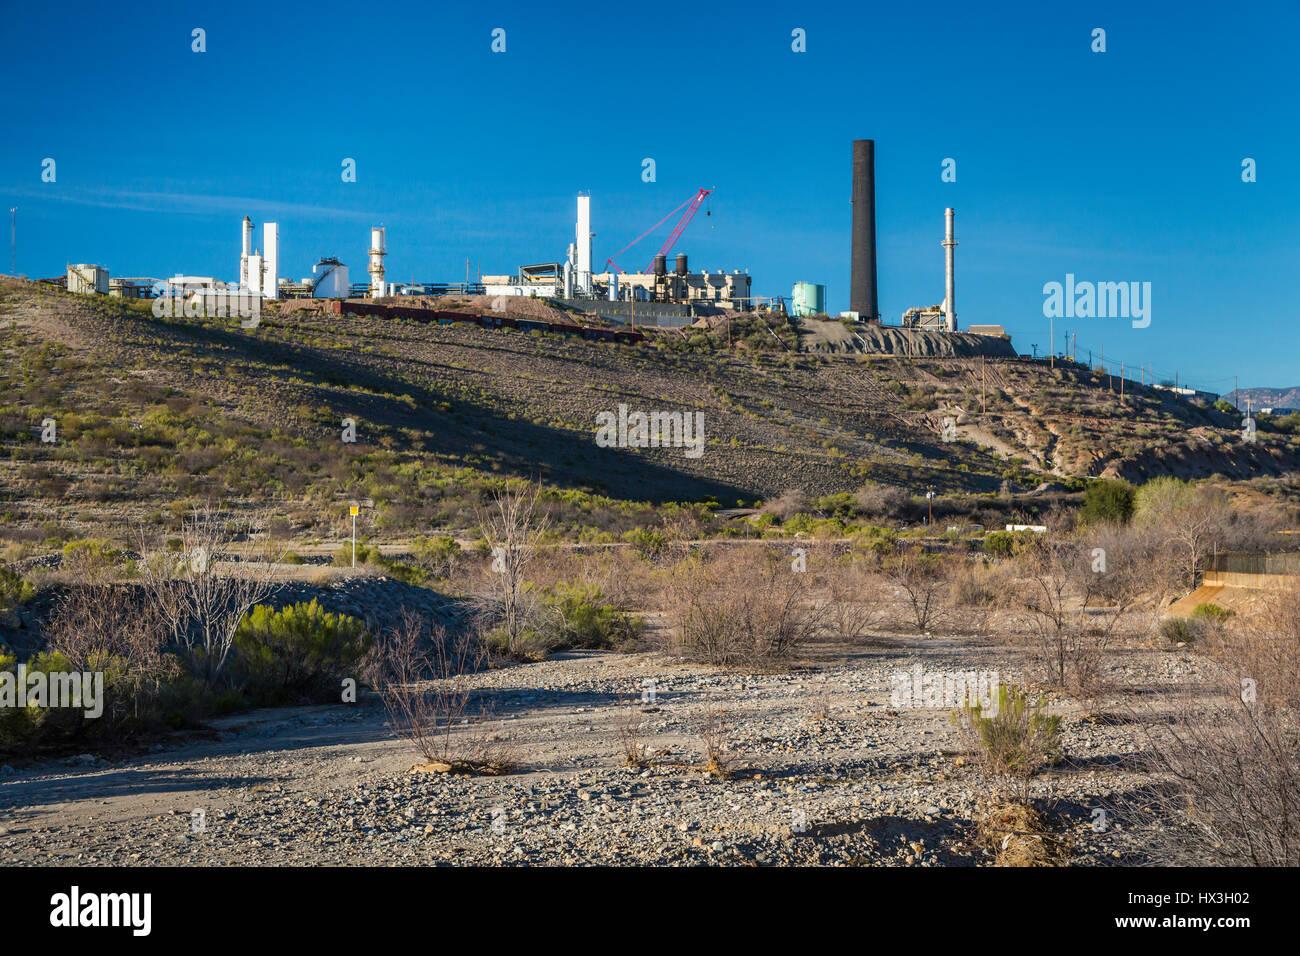 Eine Kupfermine Anlage in der Nähe von Globe, Arizona, USA. Stockbild